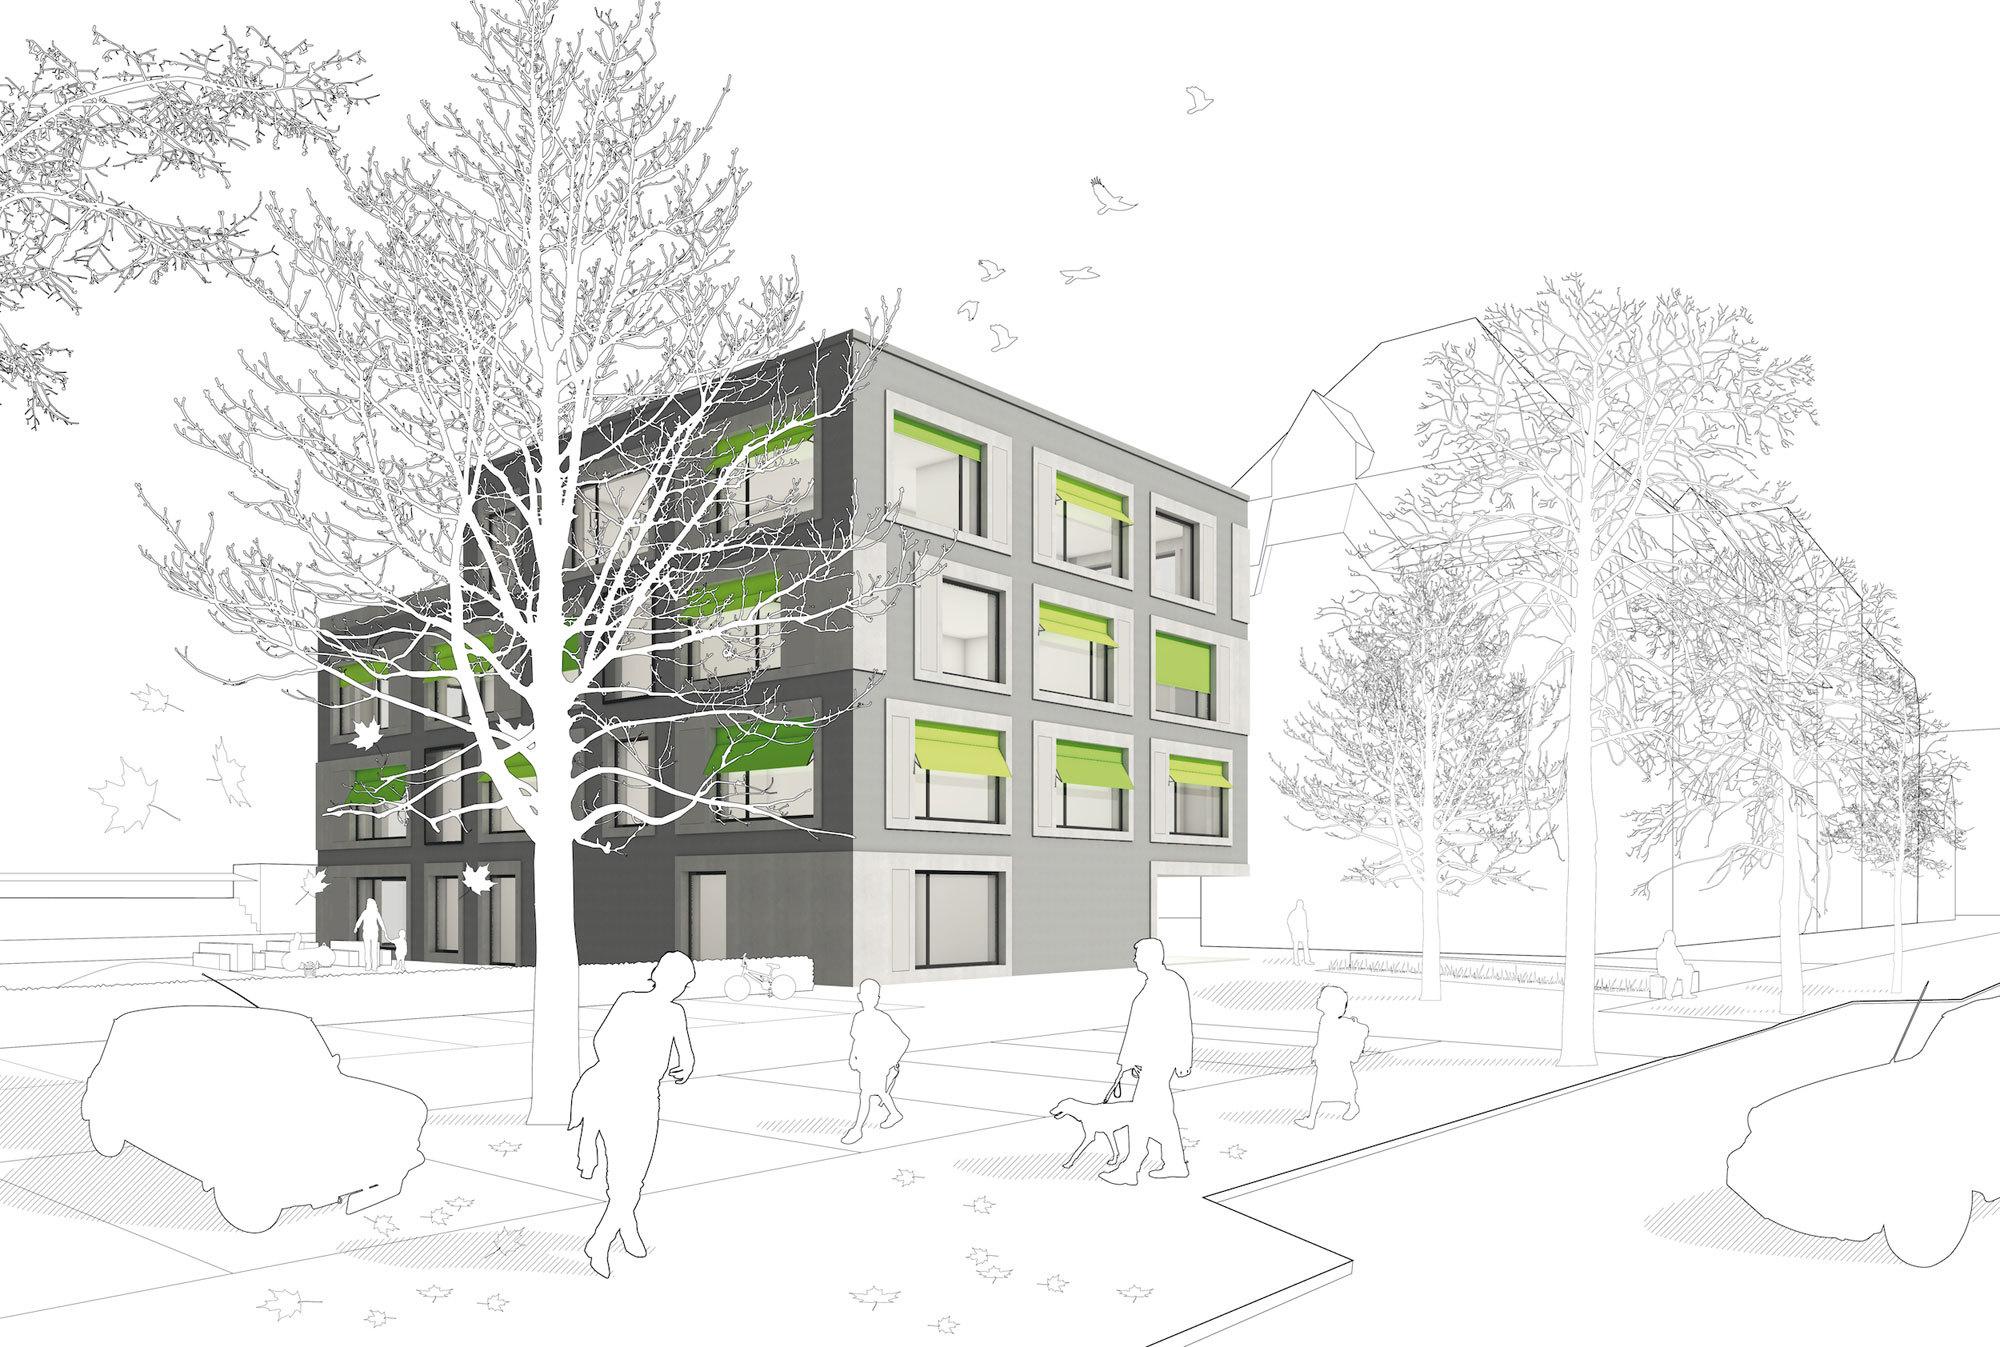 SAZ Betreuungsgebäude Schulanlage Ämtler in Zürich (CH) | Visualisierung: Stephan Bosse